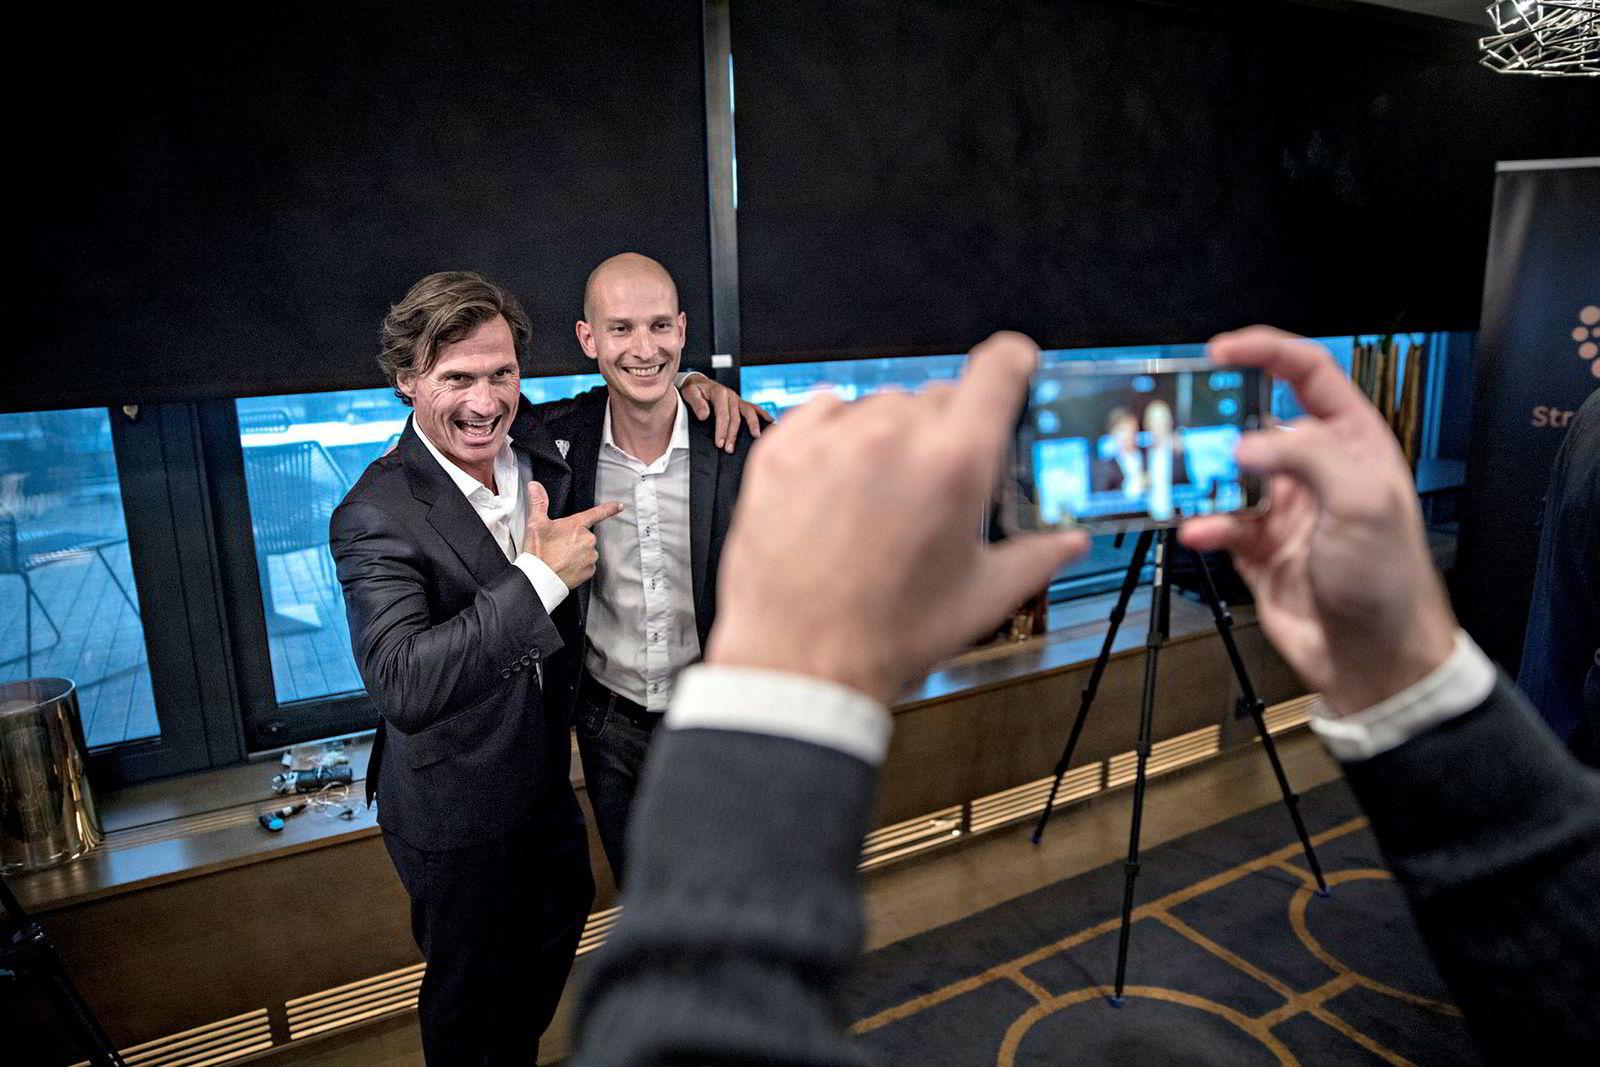 Hotellmagnat Petter Stordalen er blant medinvestorene i TIbber, ledet av Edgeir Vårdal Aksnes (til høyre). Kraftselskapet BKK er også med.